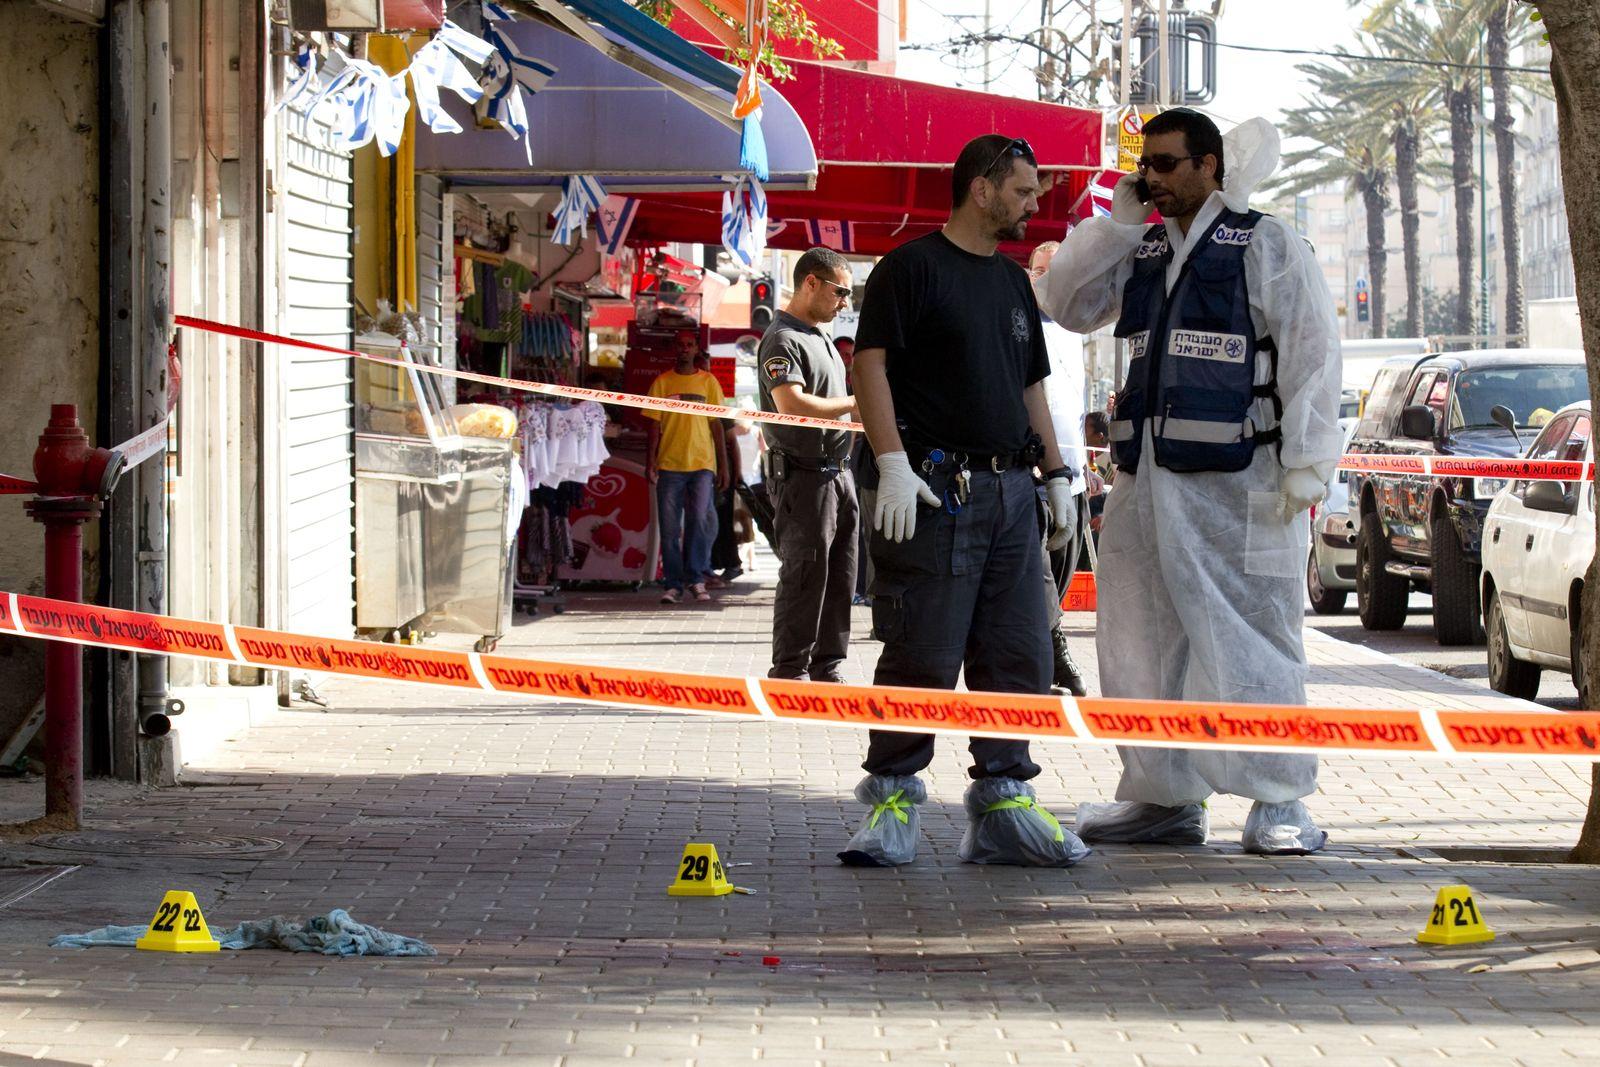 Israel / Tatort / Kriminalität